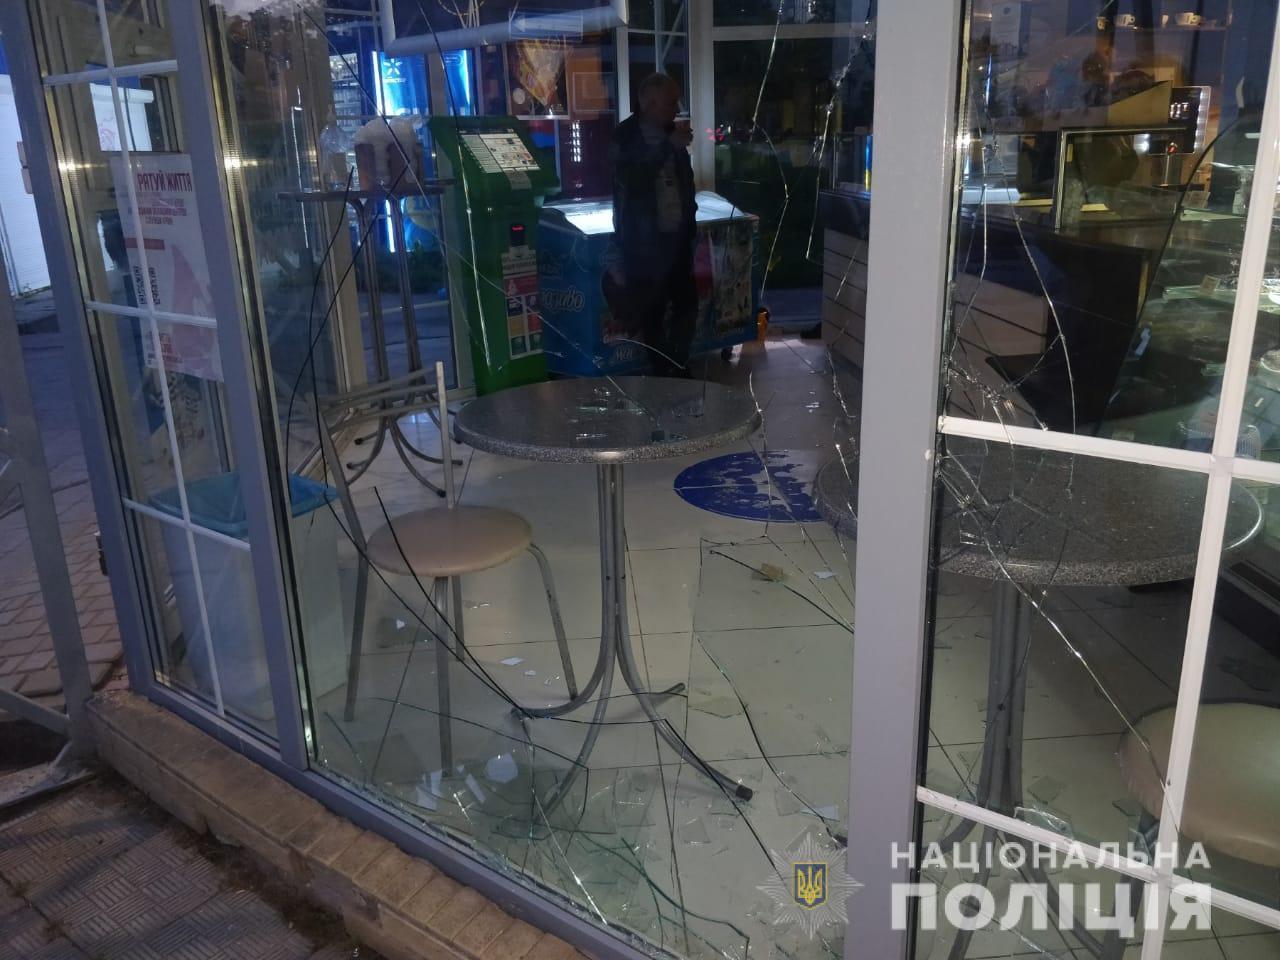 Харьковские полицейские нашли подростка, который ограбил магазин выпечки (фото)